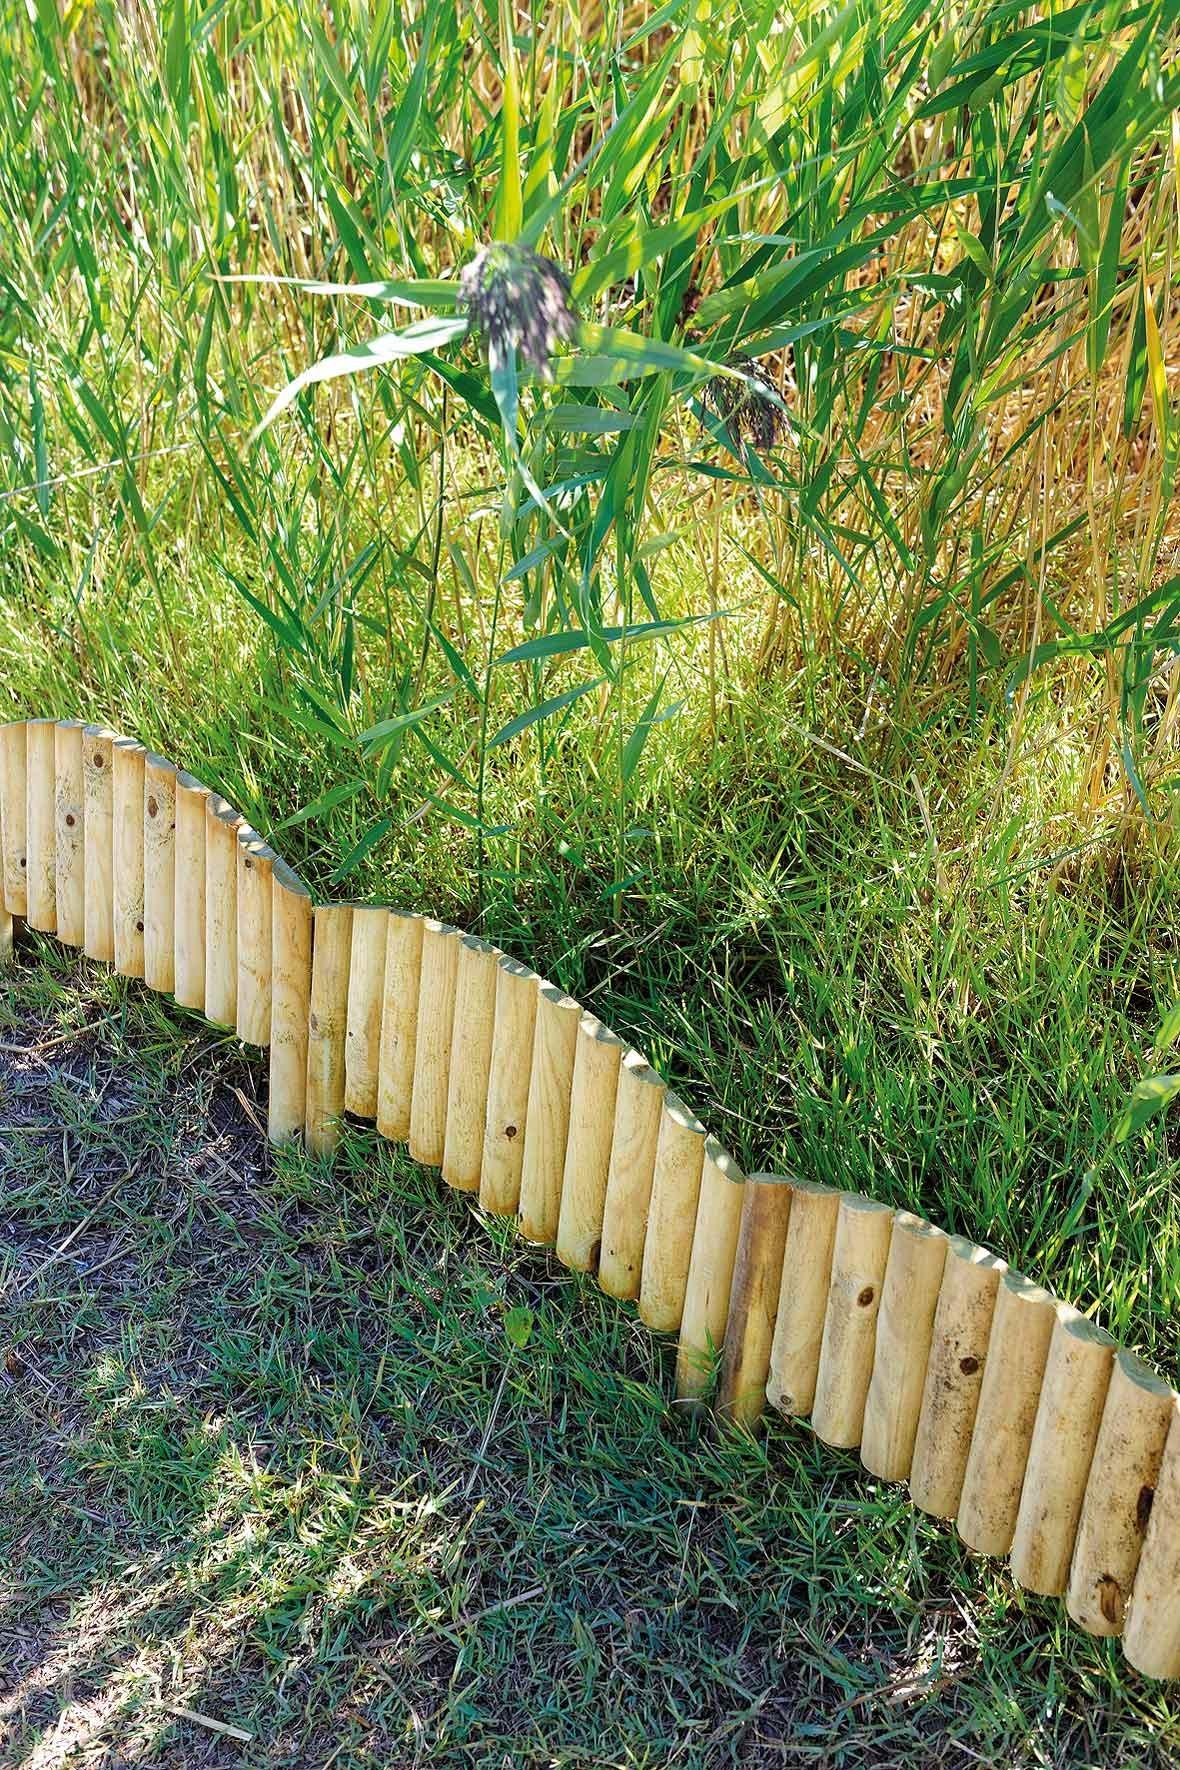 Bordure De Jardin En Bois À Planter Arc 55 X 2,5 X 40 Cm avec Bordure Bois Pour Jardin